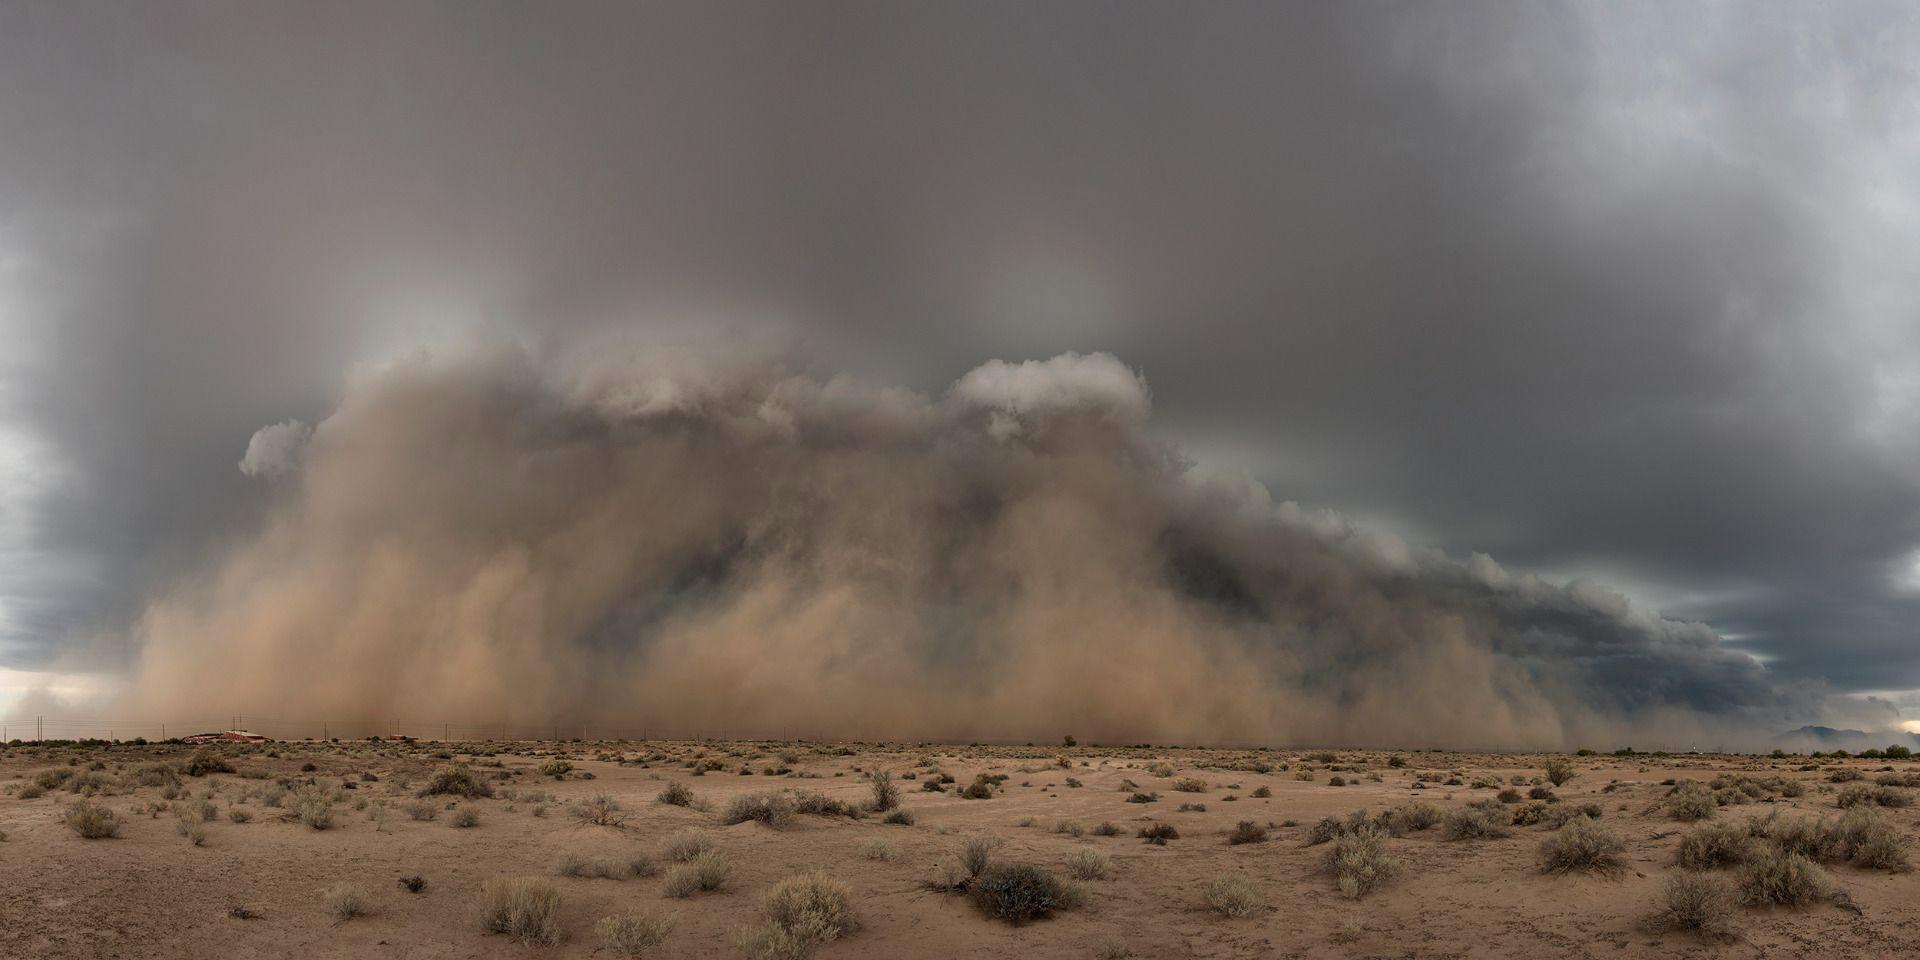 Рождение пыльной бури, © Тина Райт, Фотоконкурс «Погодный фотограф года» — Weather Photographer of the Year